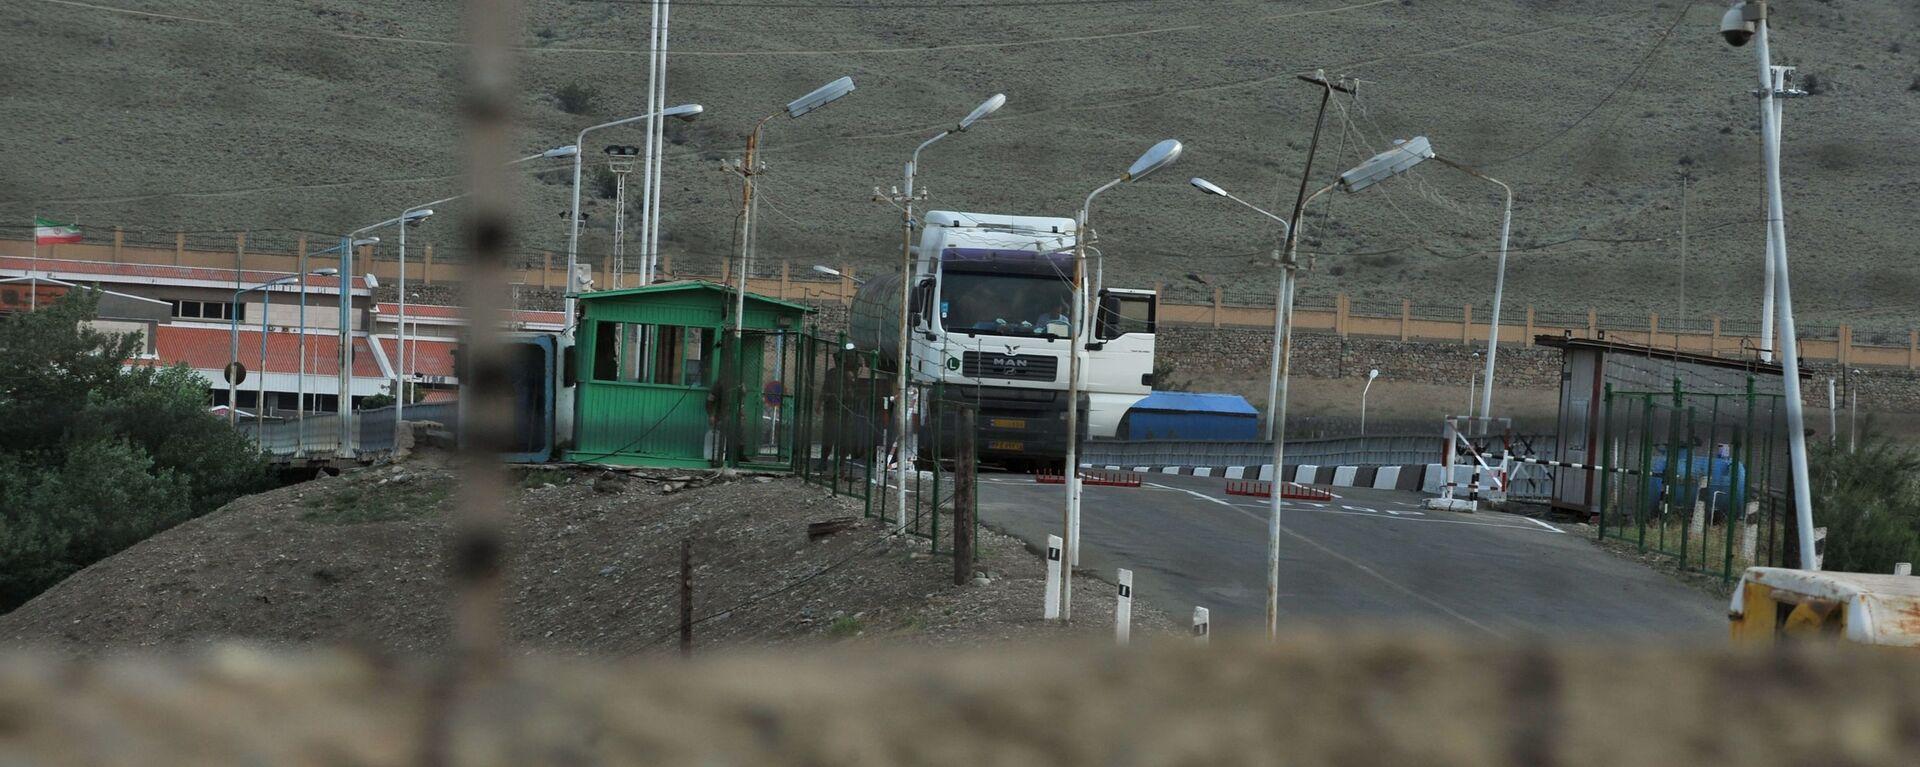 Иранский грузовик на трассе в Мегри, где пересекаются границы Азербайджана, Армении, Турции и Ирана, фото из архива - Sputnik Азербайджан, 1920, 24.09.2021